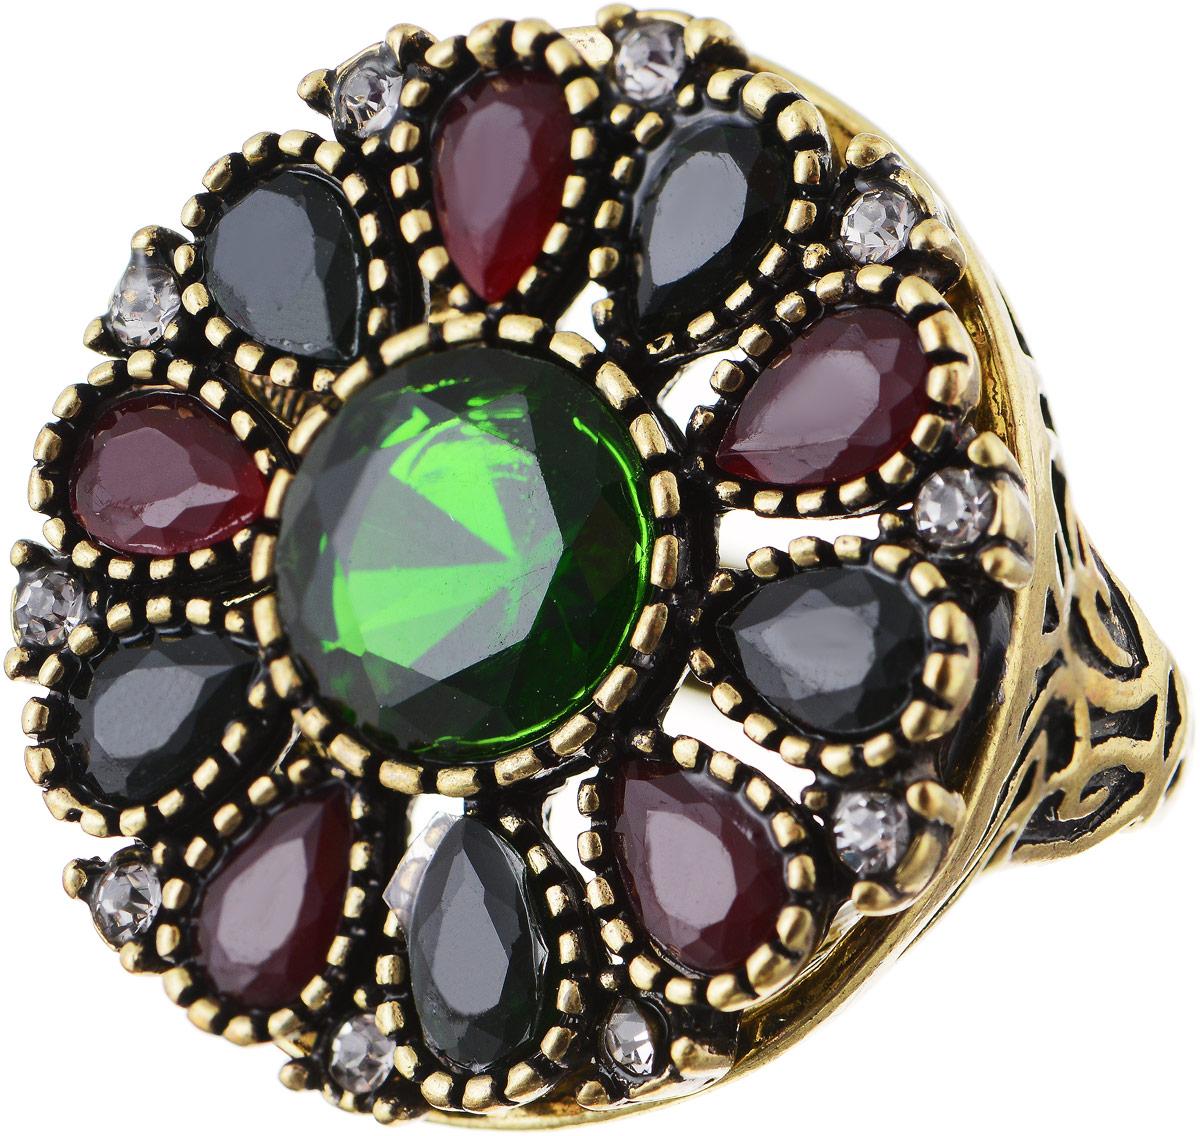 Кольцо Bradex Аннабель, цвет: золотой, зеленый, бордовый. AS 0017. Размер 17Коктейльное кольцоКольцо Bradex Аннабель выполнено из металлического сплава. Декоративный элемент выполнен в круглой форме и украшен вставками из искусственных камней и страз.